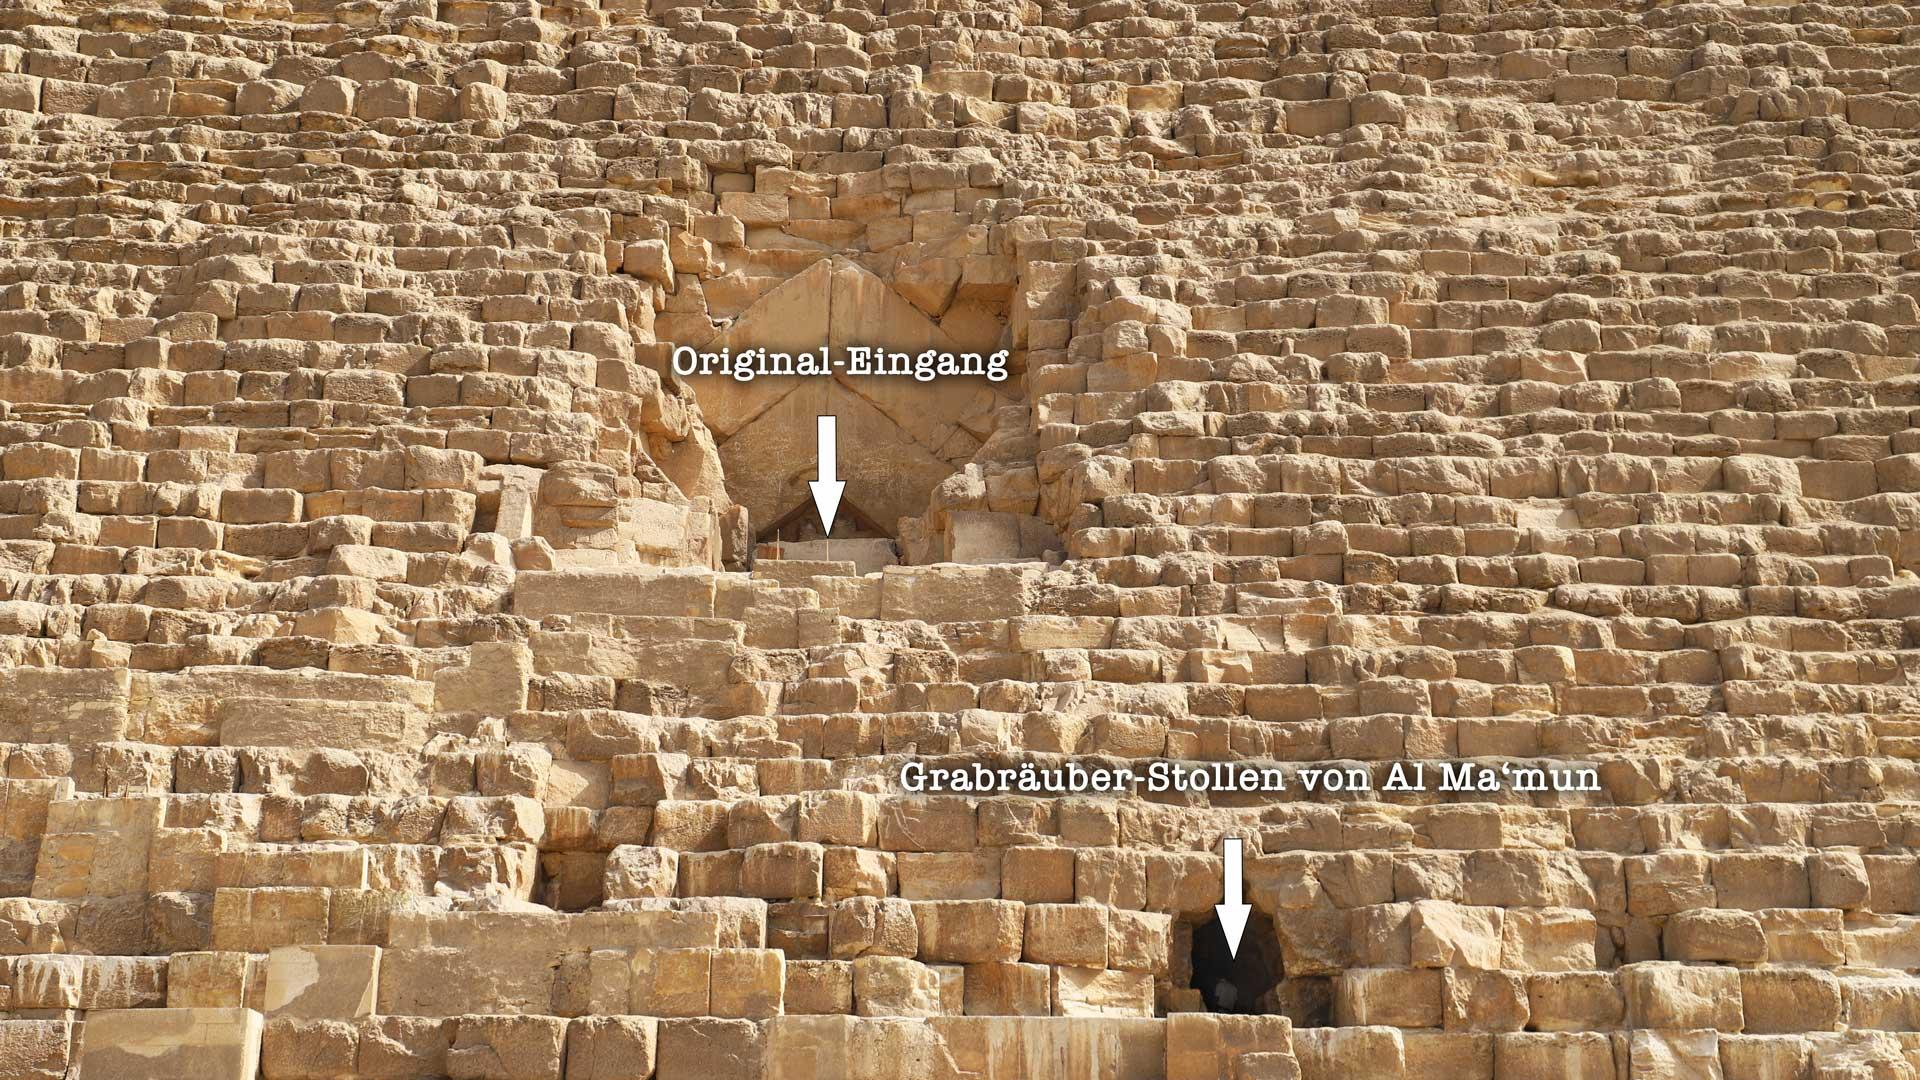 Die Große (Cheops) Pyramide: Ursprünglicher Original-Eingang und der Al-Ma'mun Grabräuber-Stollen.